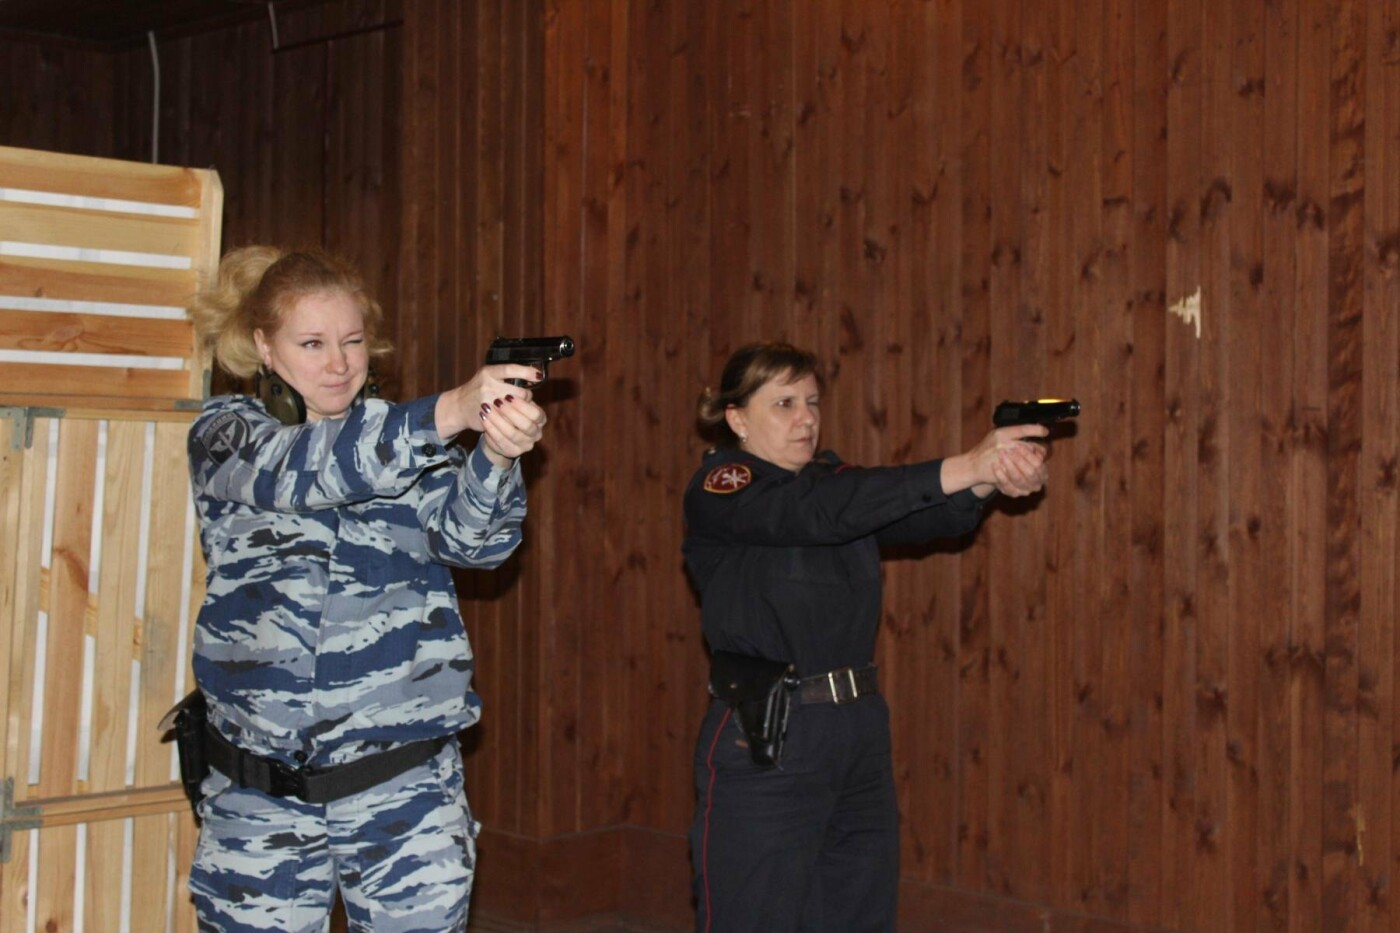 В Отделе Росгвардии по Псковской области состоялся турнир по стрельбе среди женщин, фото-1